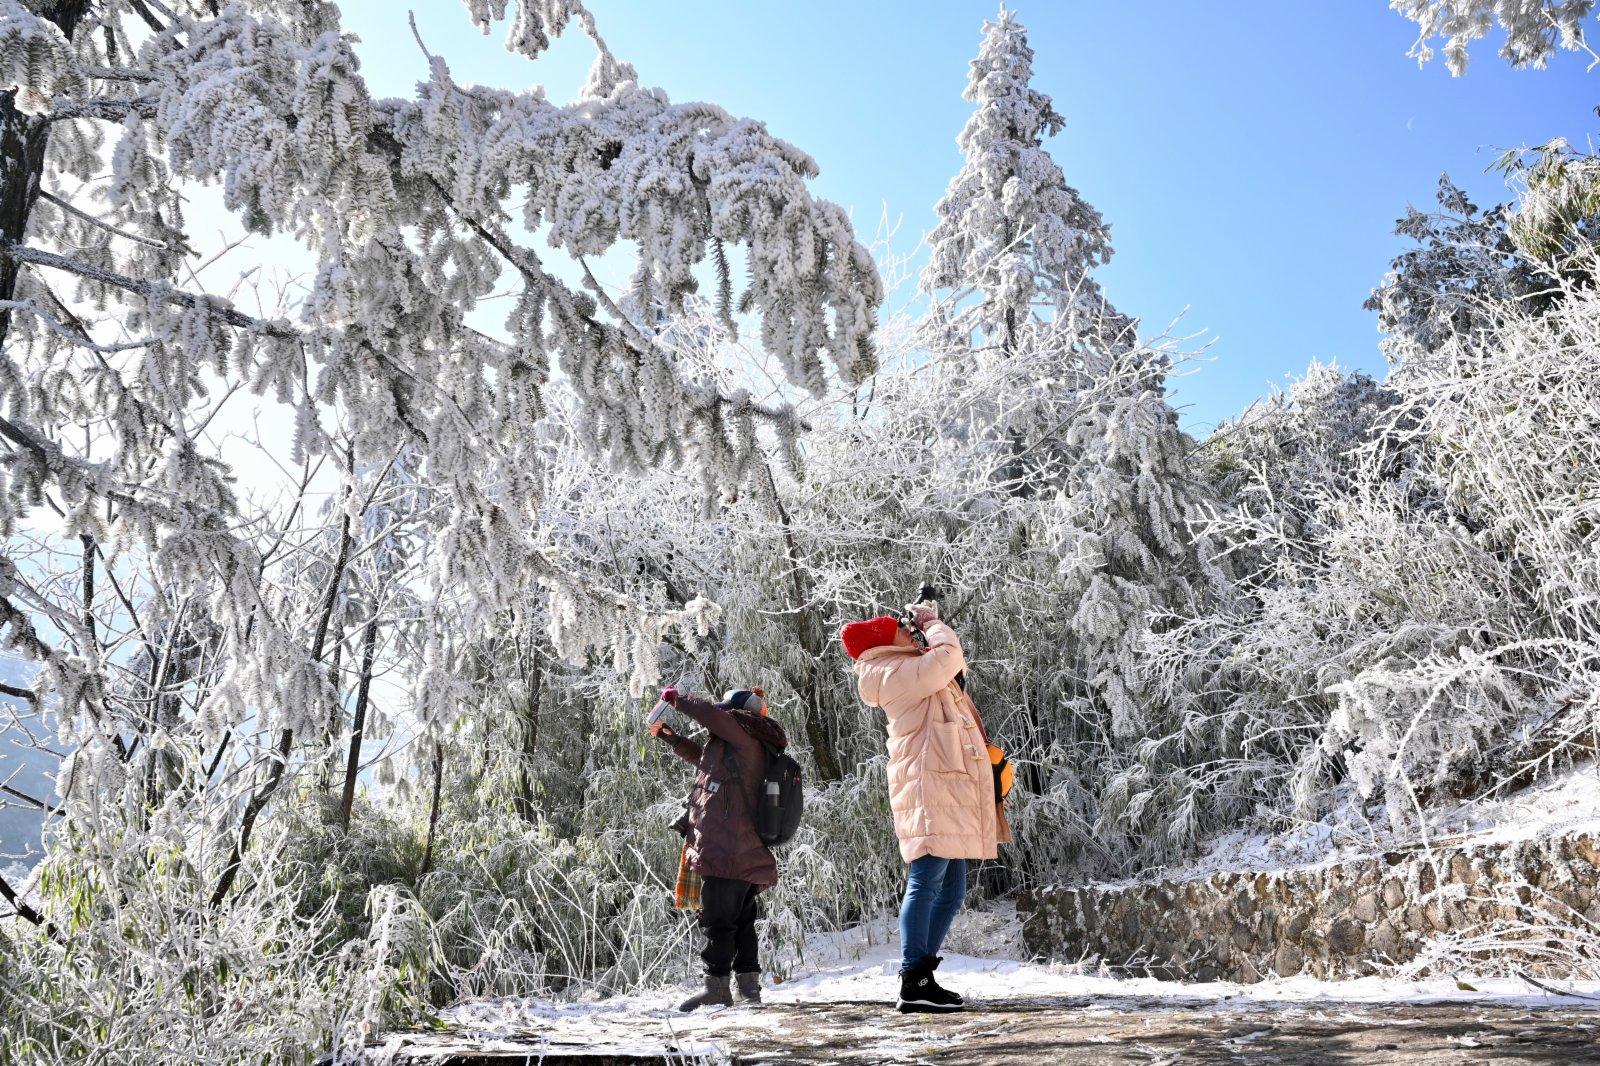 1月8日,遊人在武夷山國家公園腹地桐木關附近拍攝雪景。